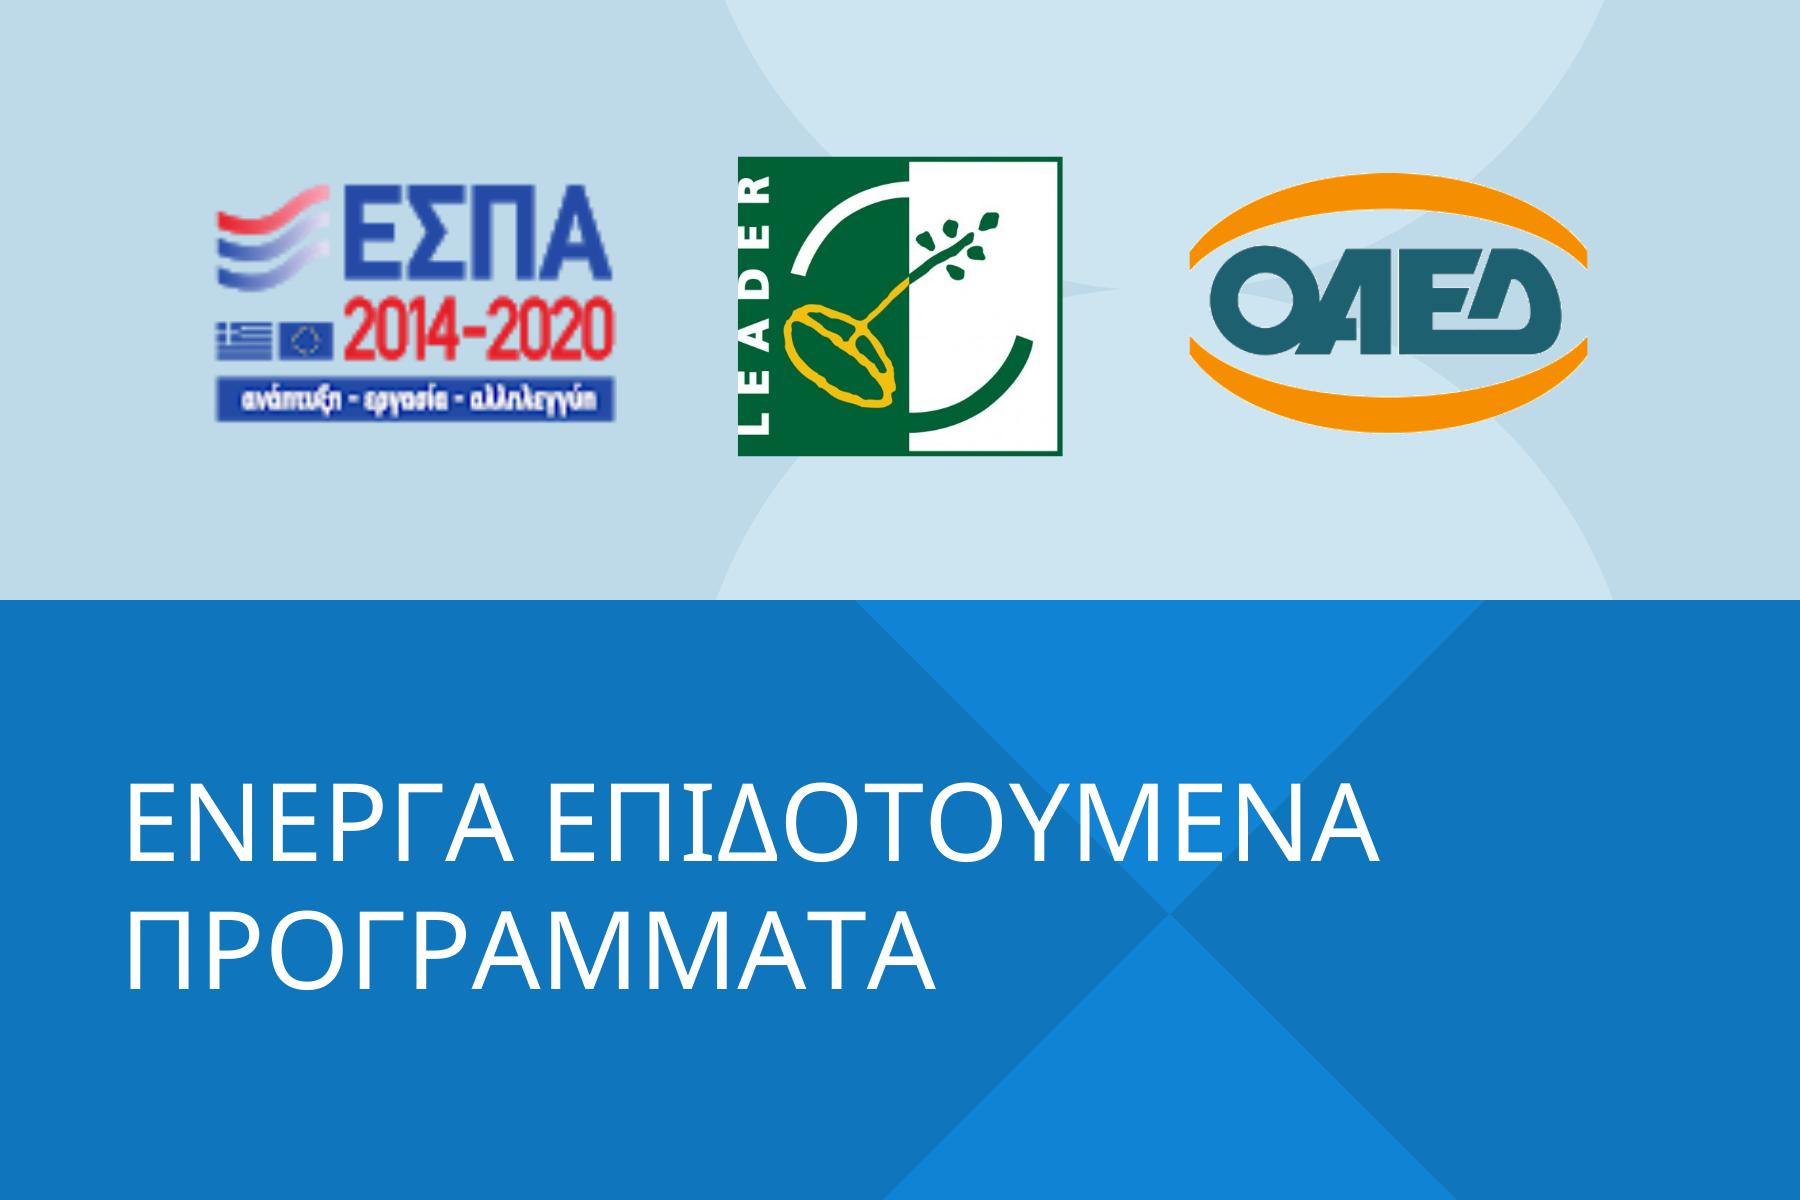 espa_open_programs